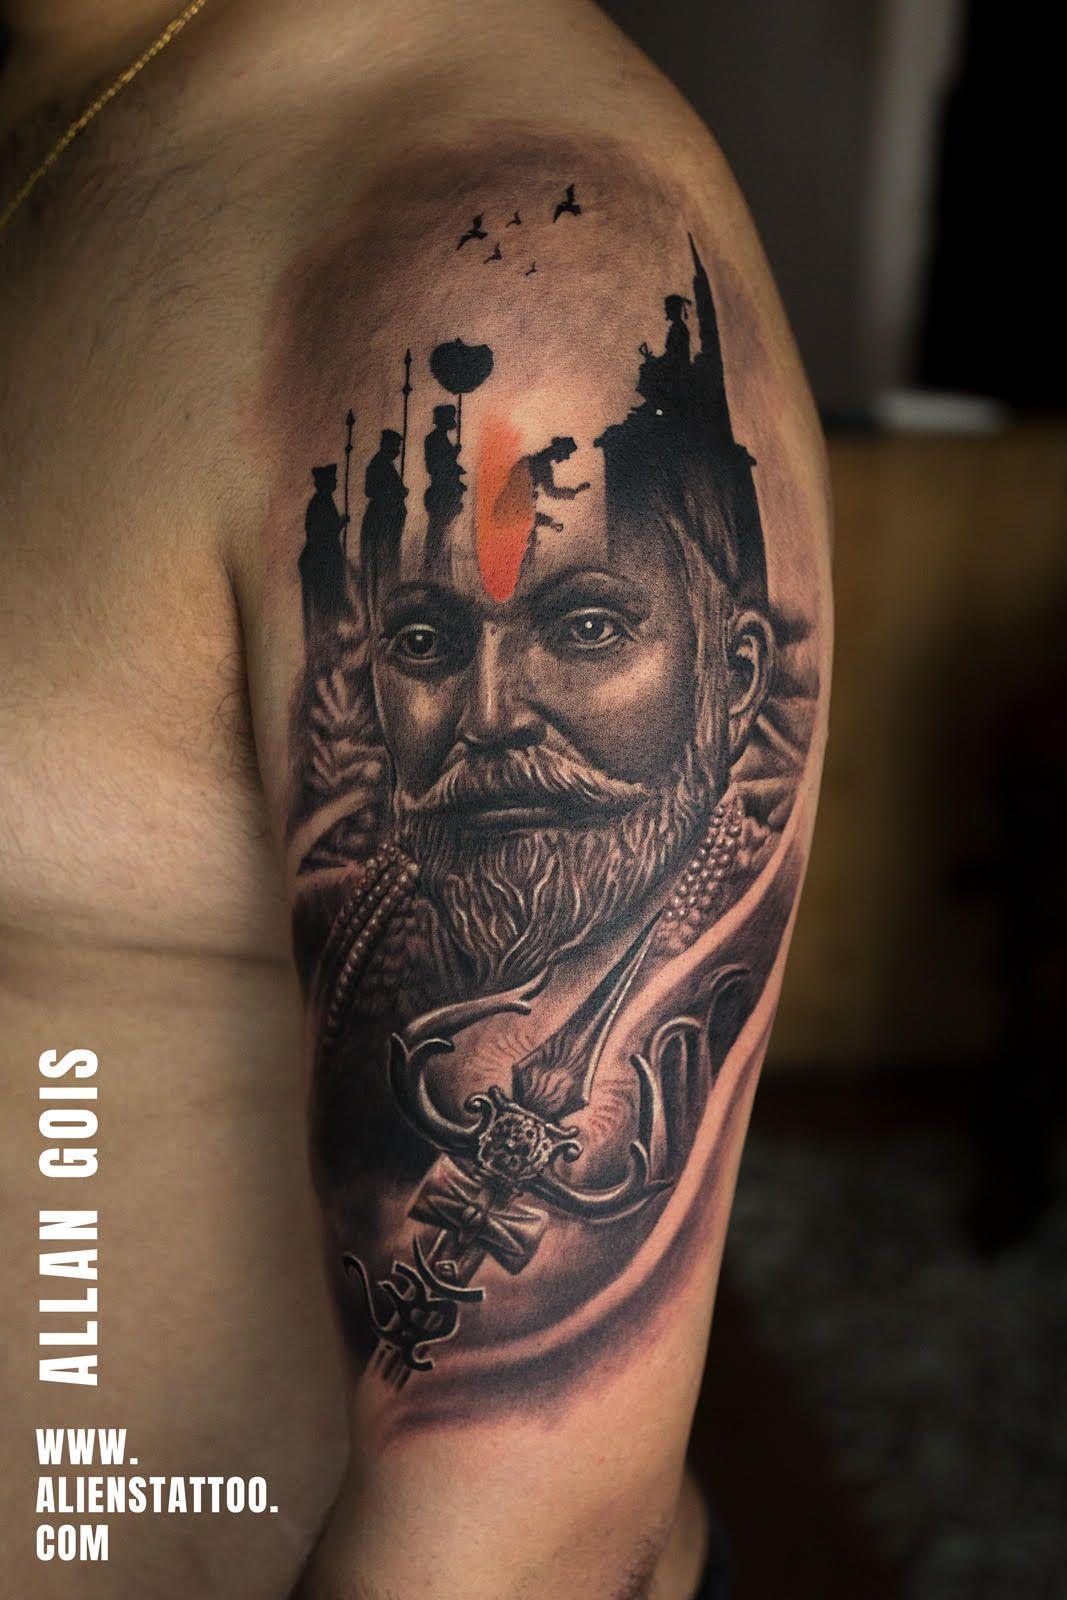 Shivaji Maharaj Tattoo By Allan Gois At Aliens Tattoo India Witness How The Historical And Mythologica Alien Tattoo Shiva Tattoo Design Shivaji Maharaj Tattoo